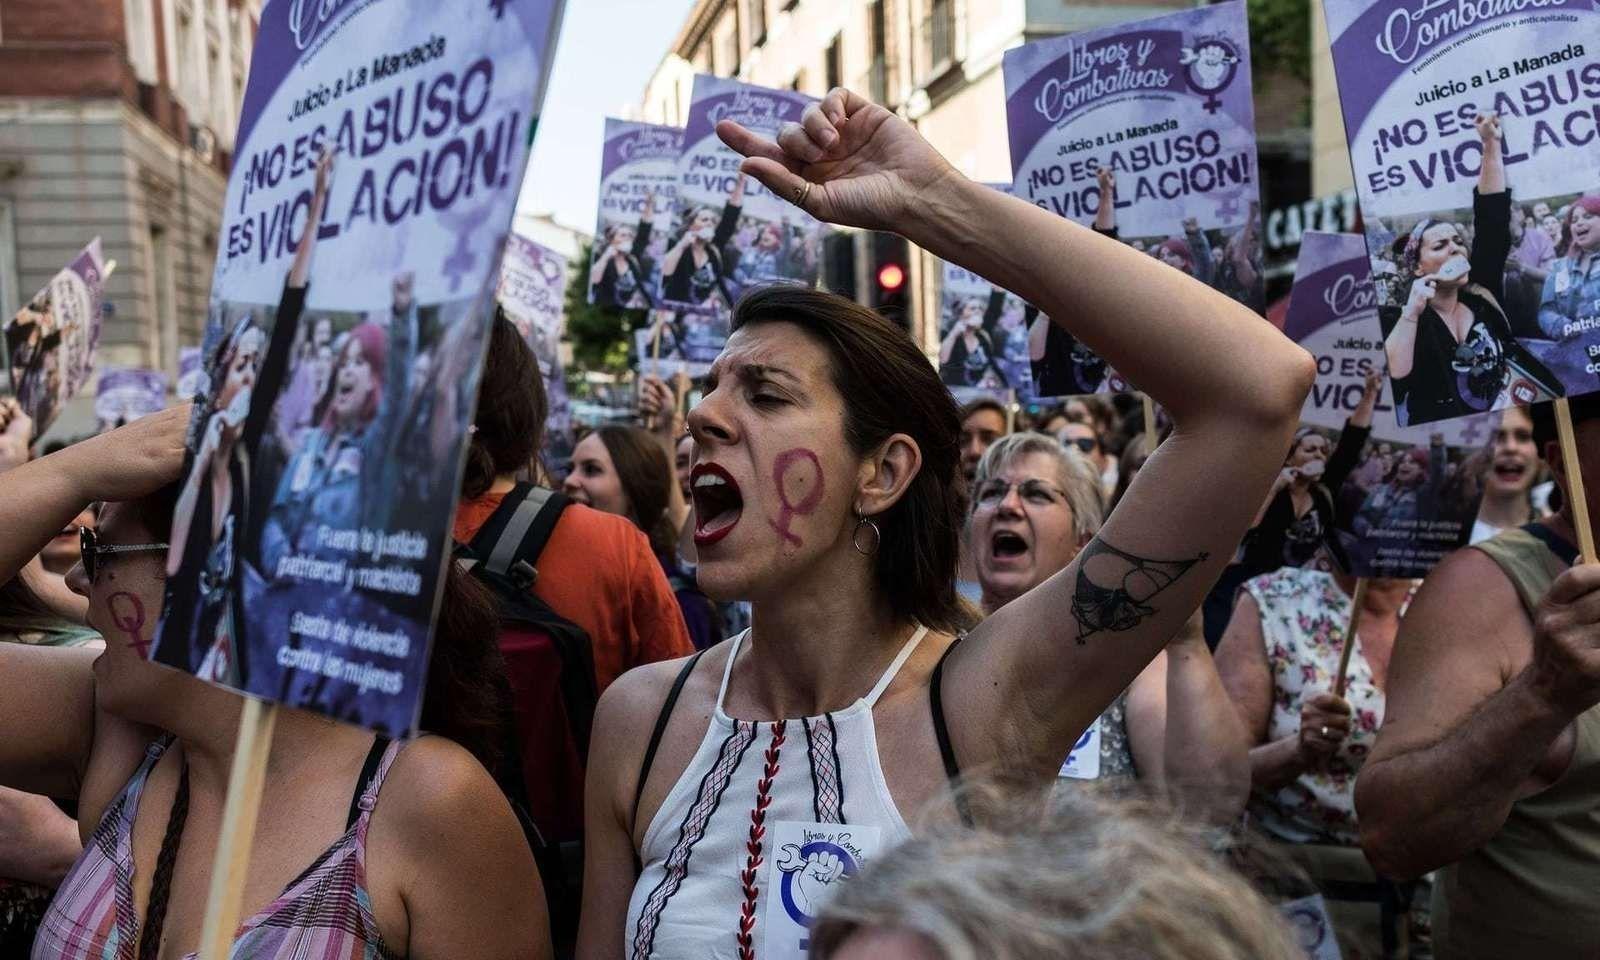 """Испанид """"тийм гээгүй бол хүчин"""" гэсэн зарчимтай хууль батлагдах гэж байна"""